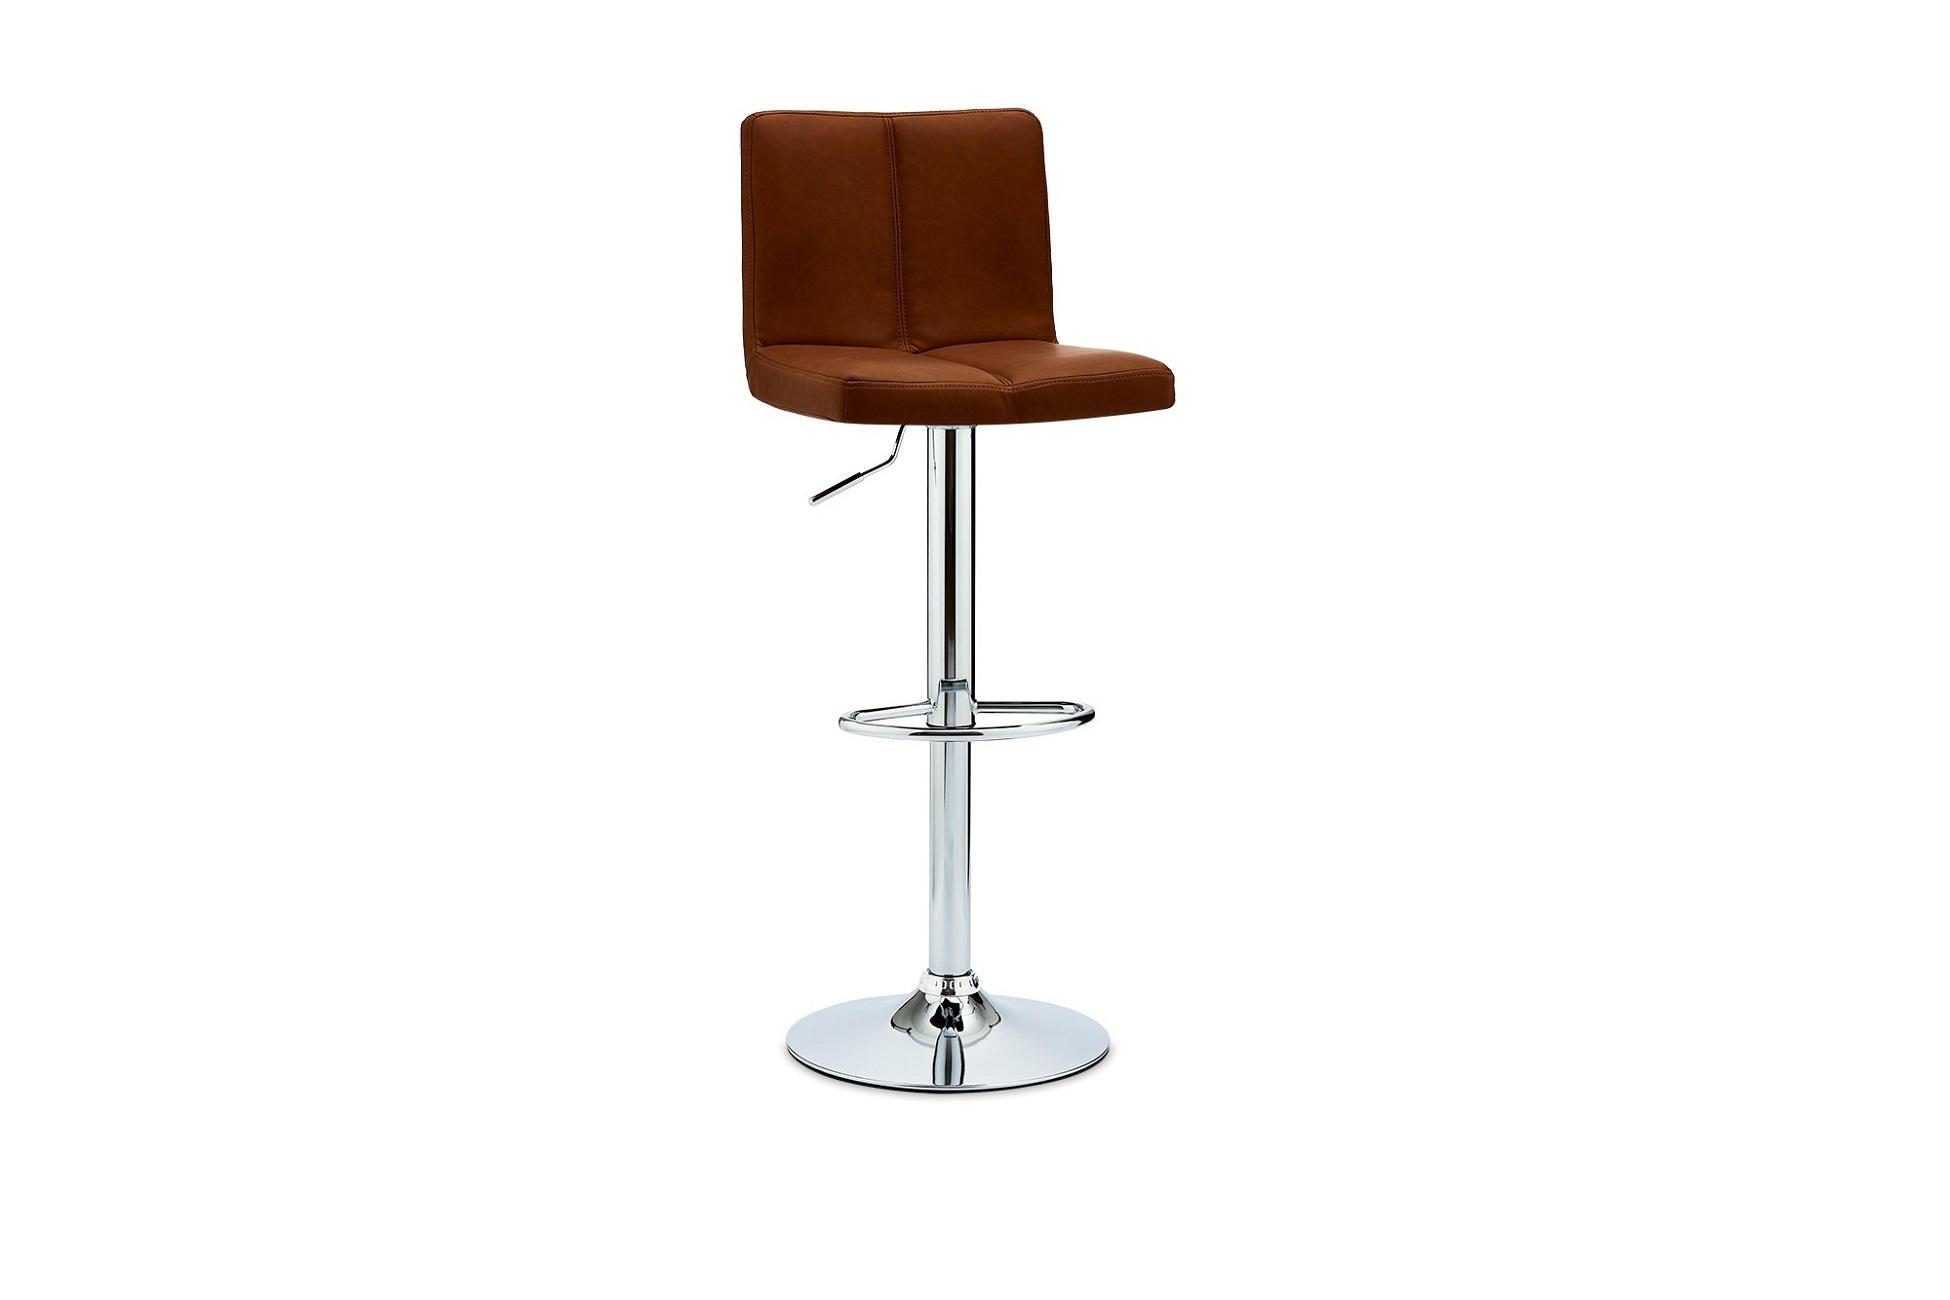 Luxusní barová židle Aesop, světlehnědá